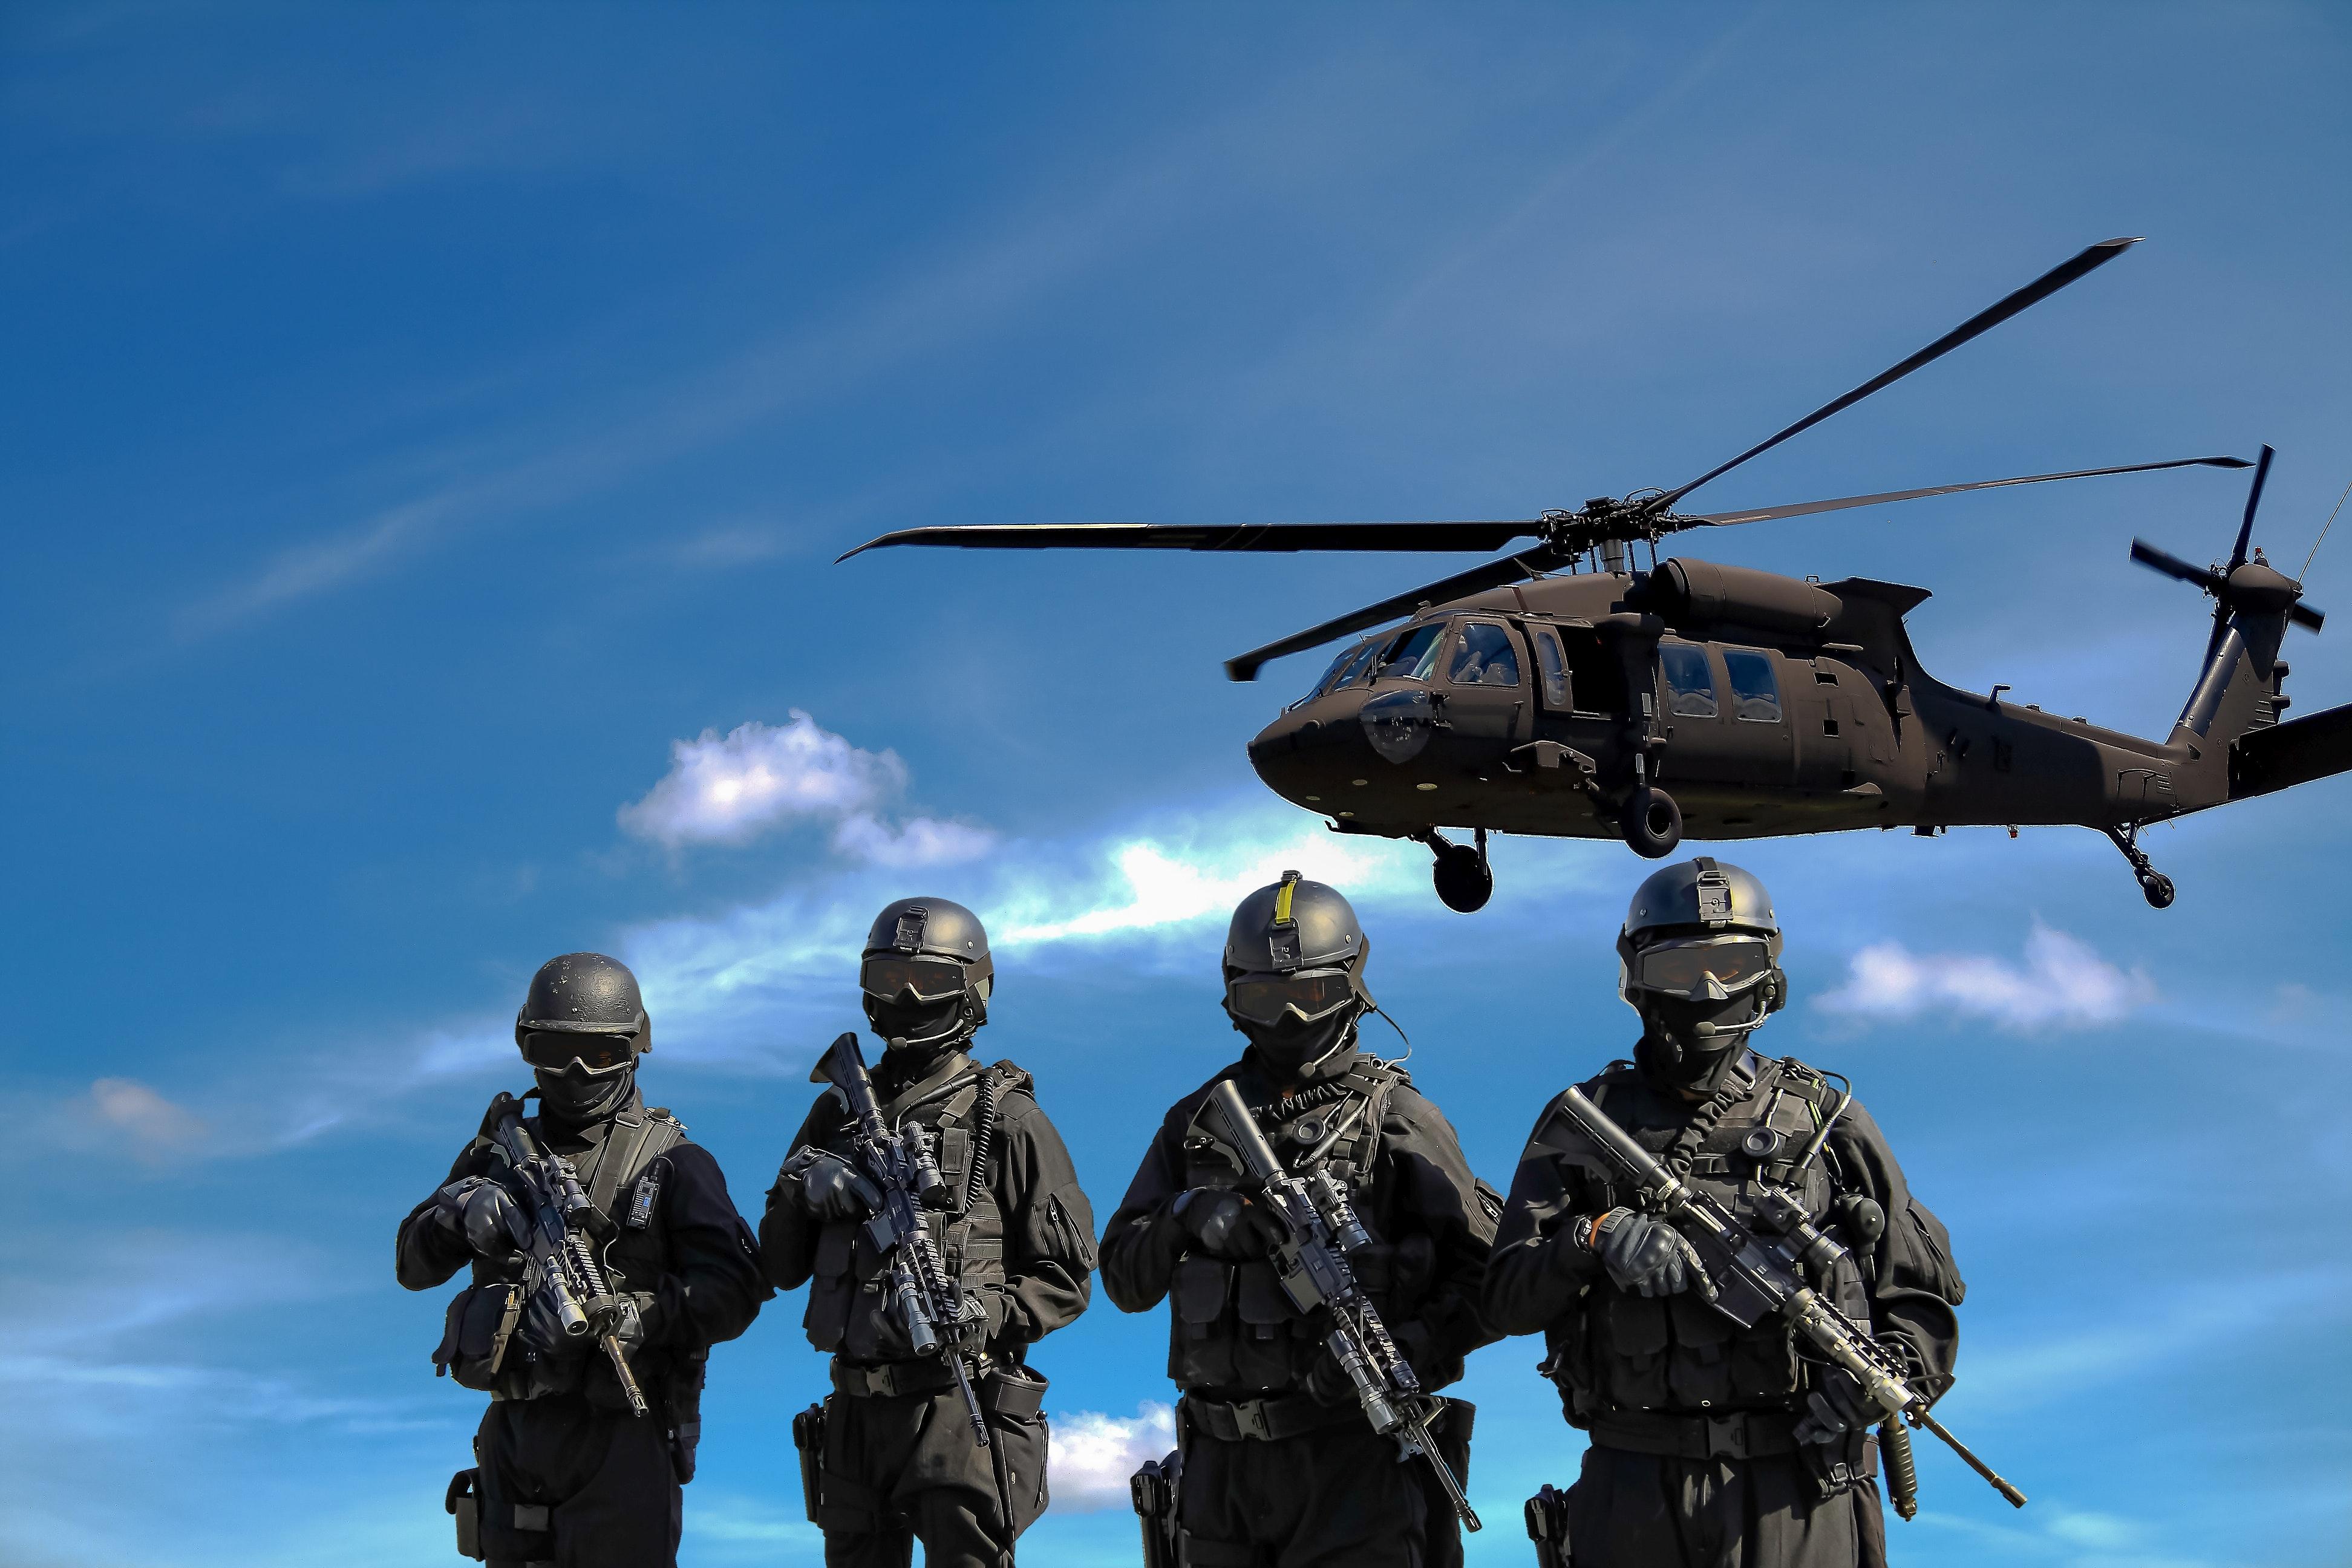 Gilet tactique gendarmerie